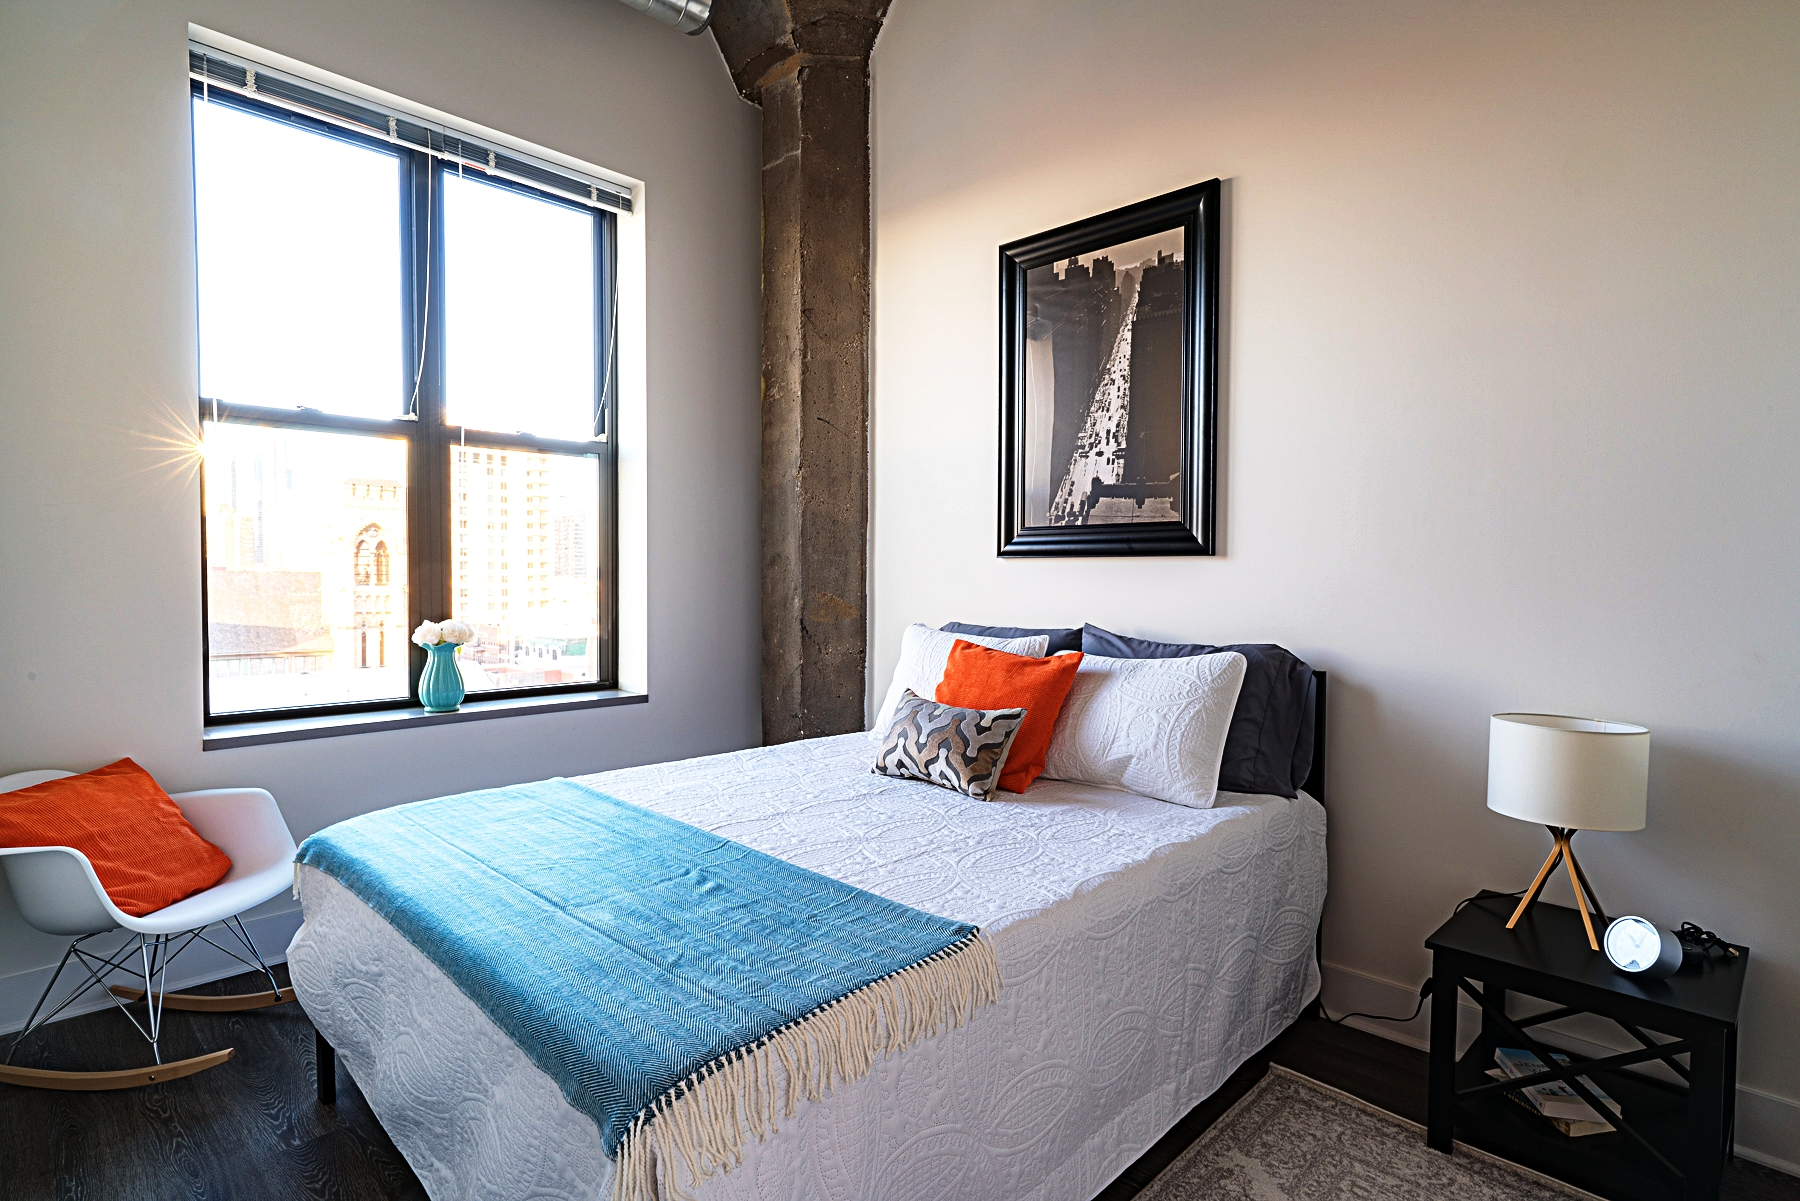 Arman Alto Suite (2 bedroom/2 bathroom) - South Loop - Chicago, IL